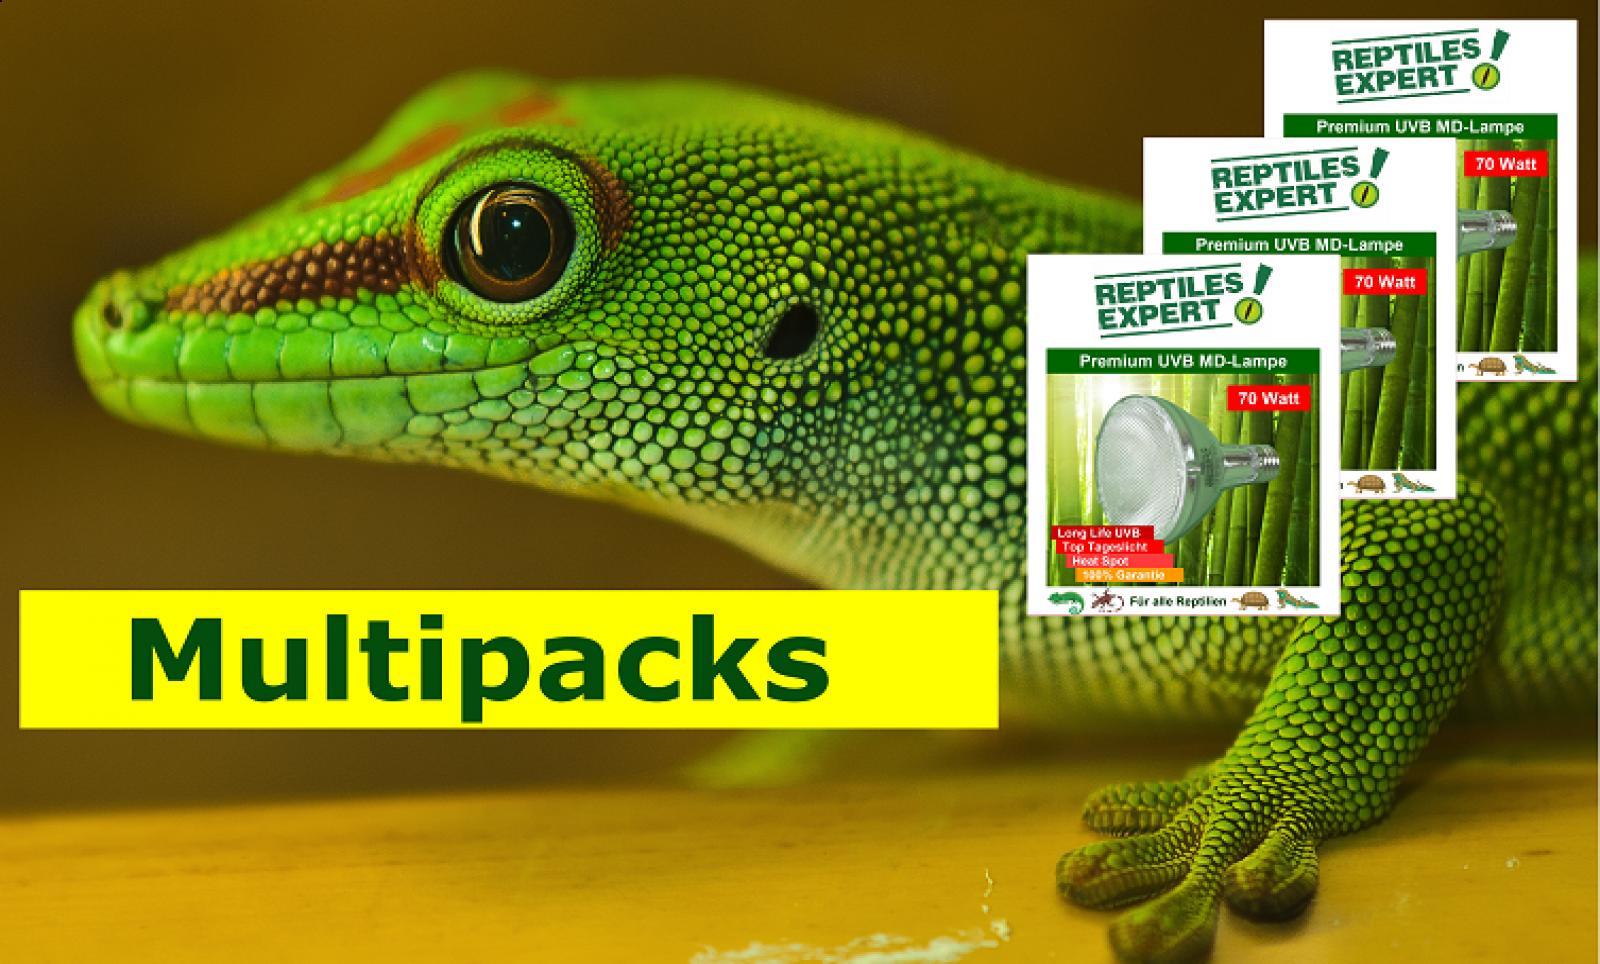 https://www.reptilesexpert.com/de/hier-uvb-lampen-zu-bestpreisen-kaufen/preisgünstige-multipacks-kaufen.html